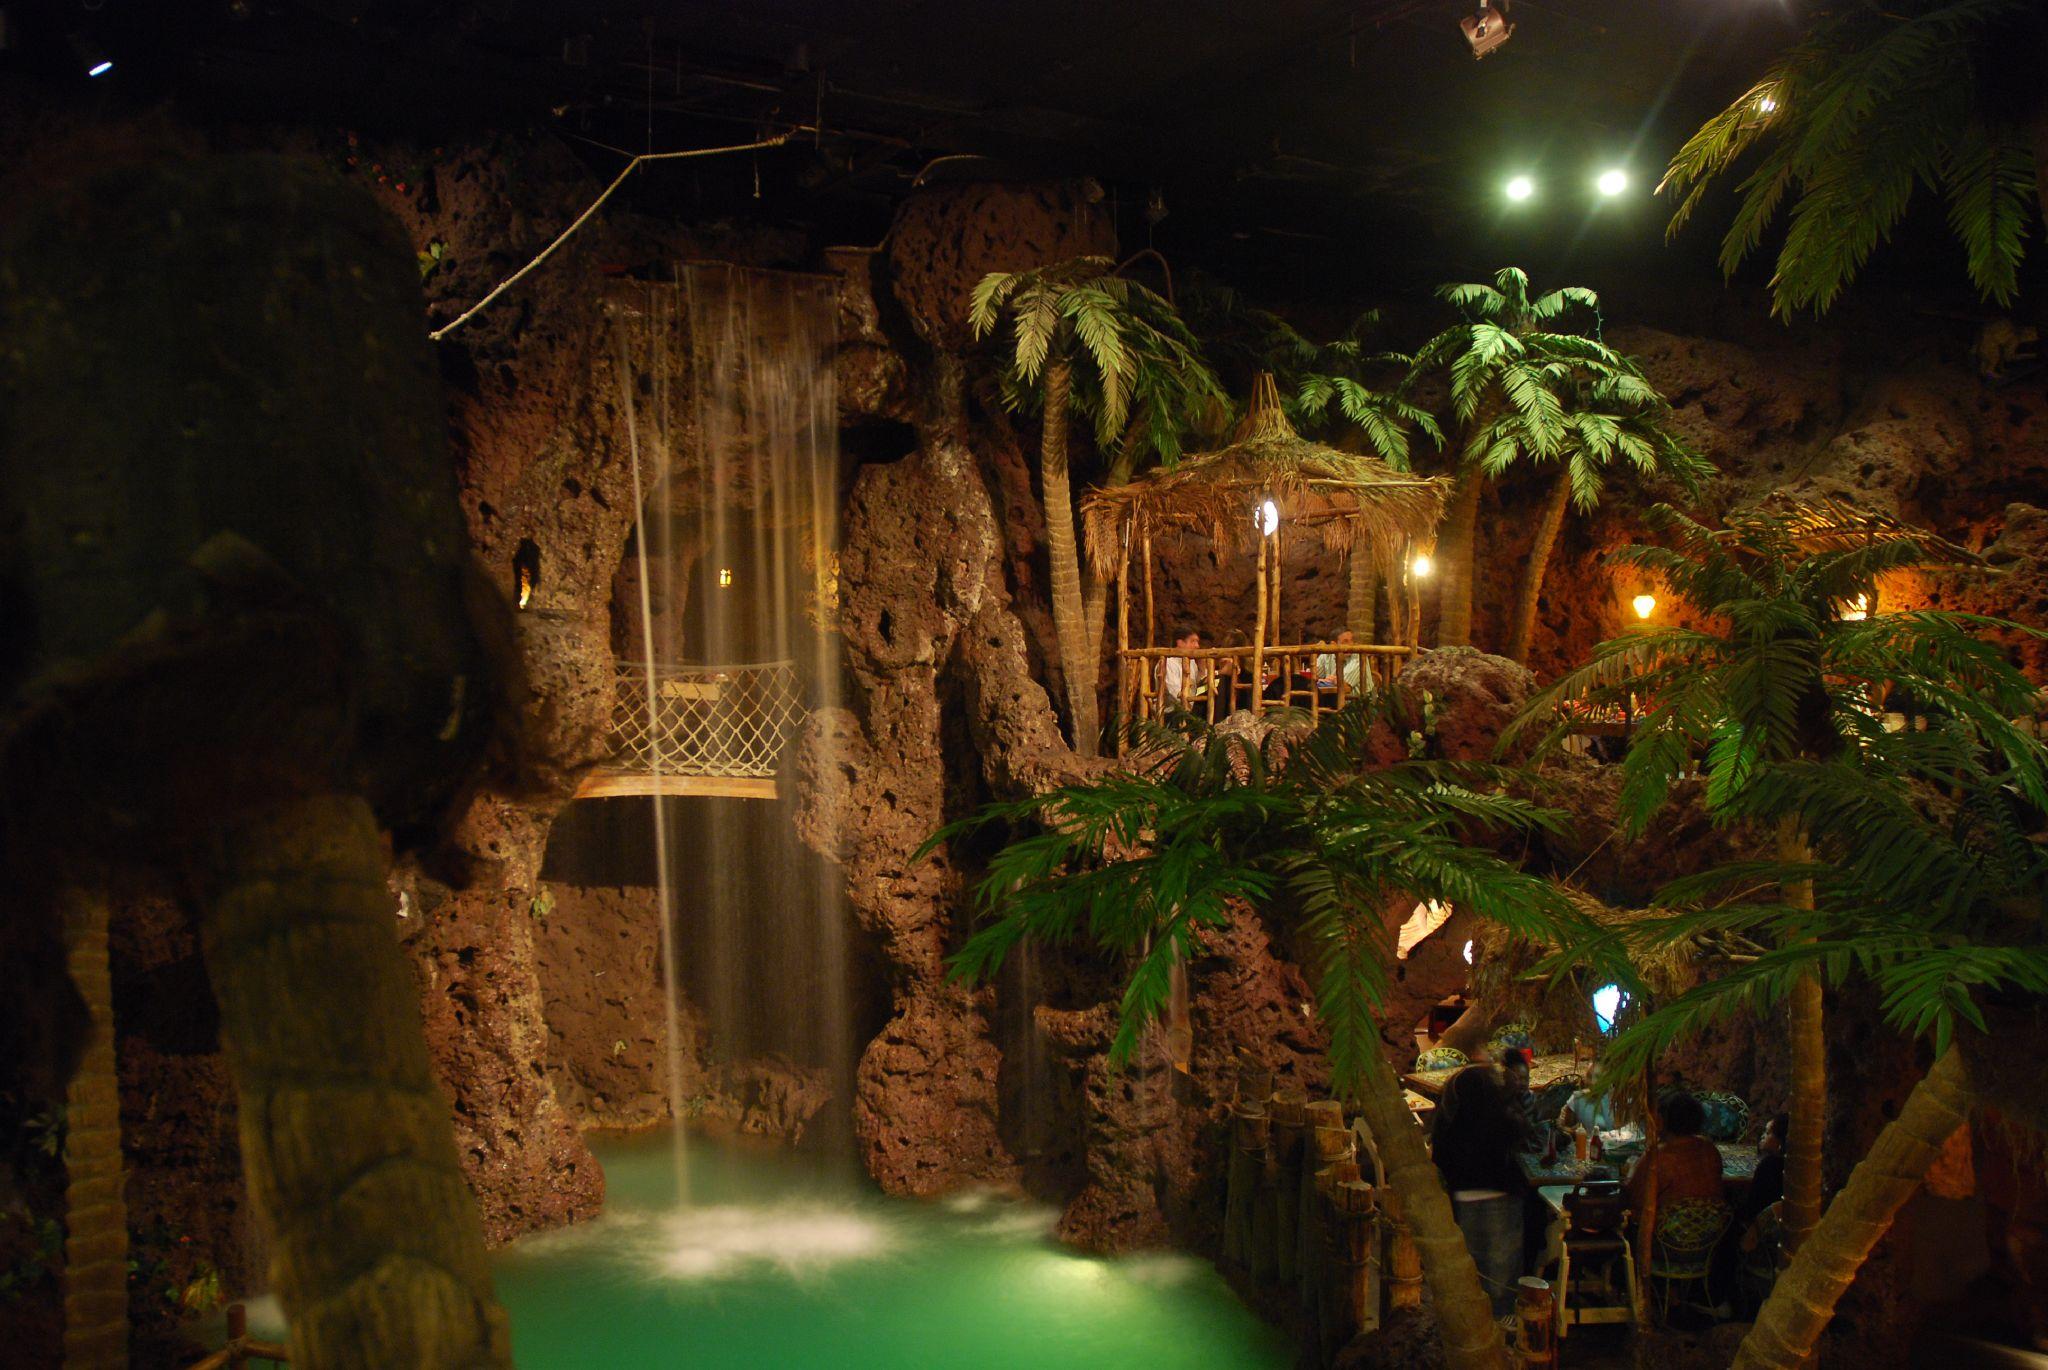 casa bonita waterfall flickr photo sharing